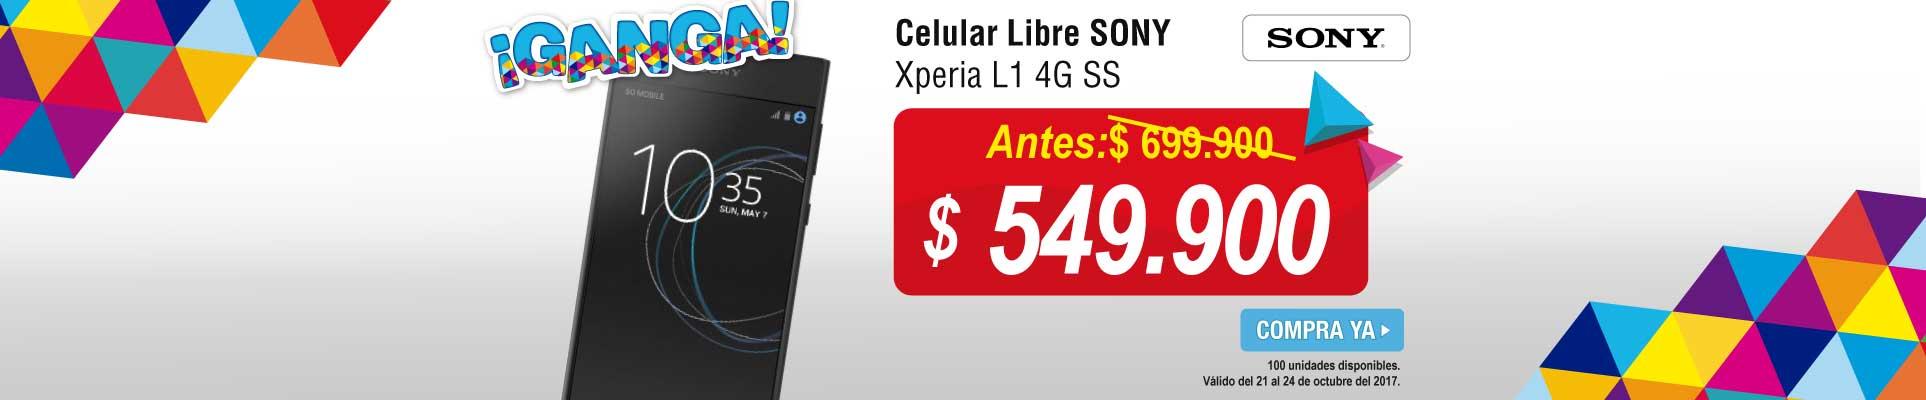 PPAL ALKP-6-celulares-Celular Libre SONY Xperia L1 4G SS-prod-octubre21-24